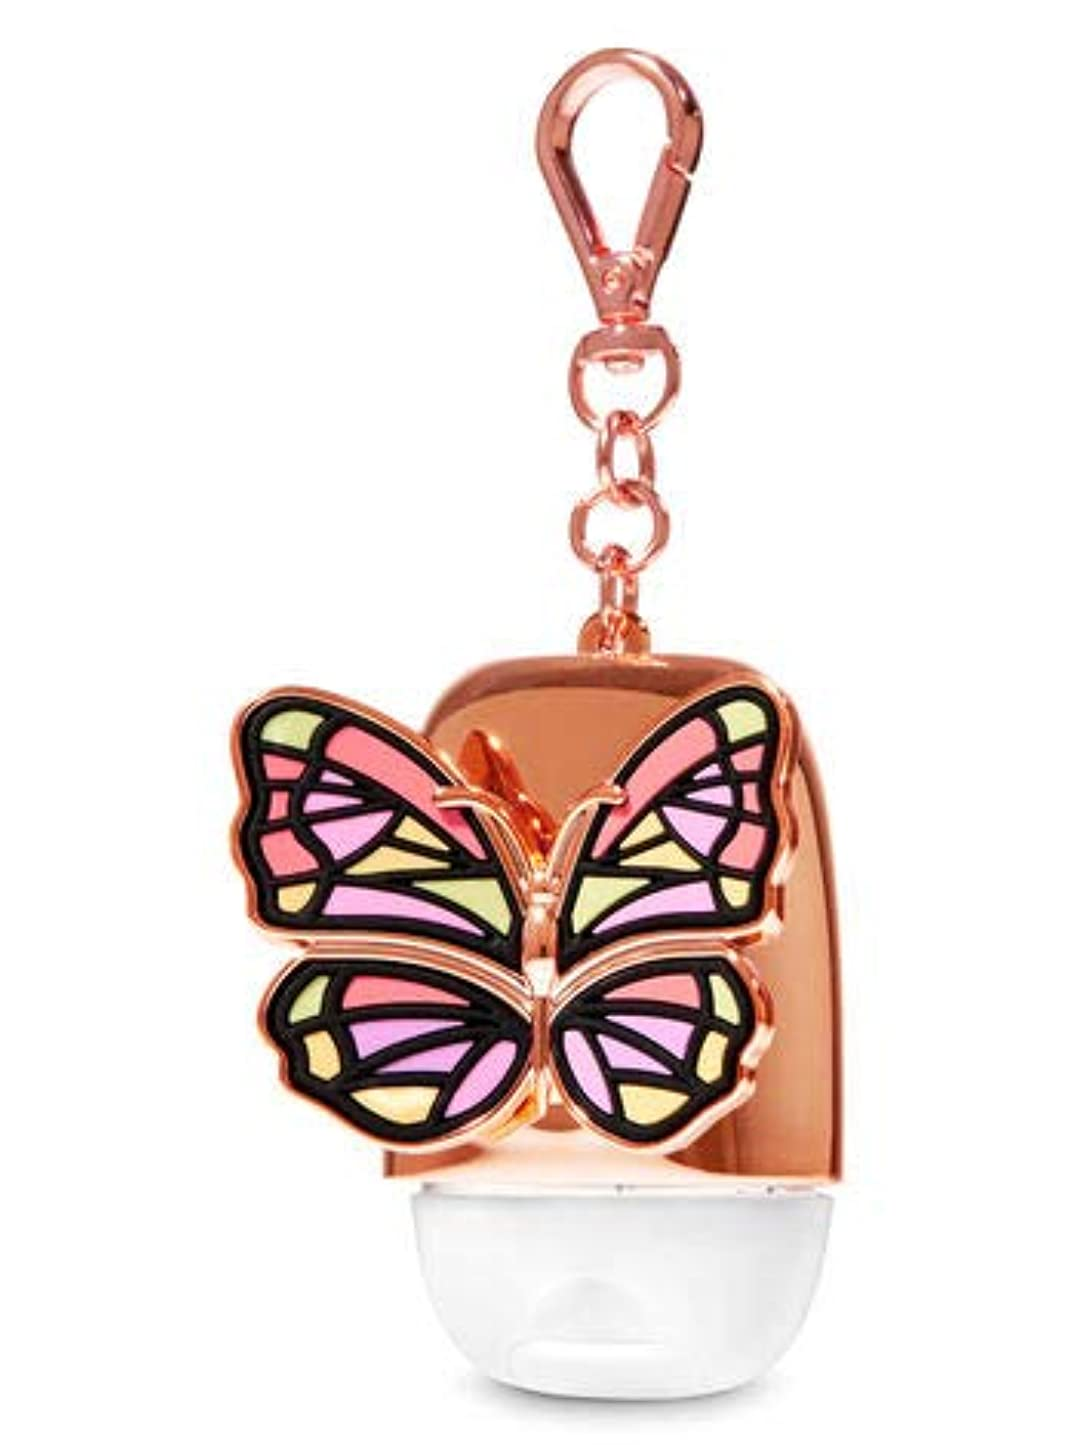 読むバランス脚本家【Bath&Body Works/バス&ボディワークス】 抗菌ハンドジェルホルダー ローズゴールドバタフライ Pocketbac Holder Rose Gold Butterfly [並行輸入品]